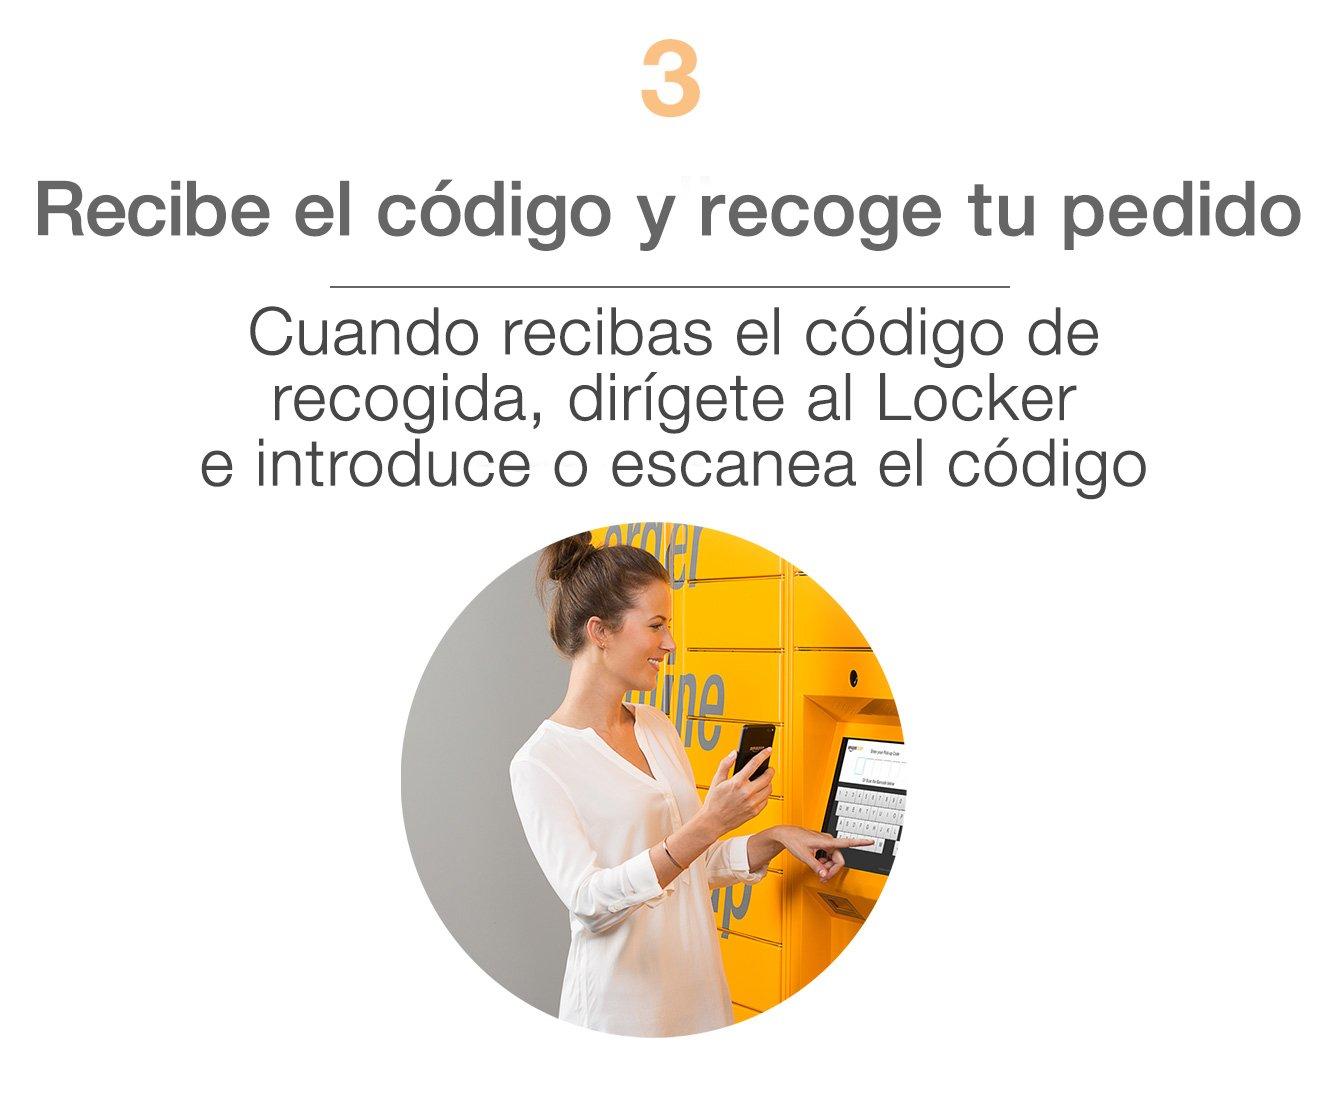 Recibe el código y recoge tu pedido Cuando recibas el código de recogida, dirígete al Amazon Locker e introduce o escanea el código